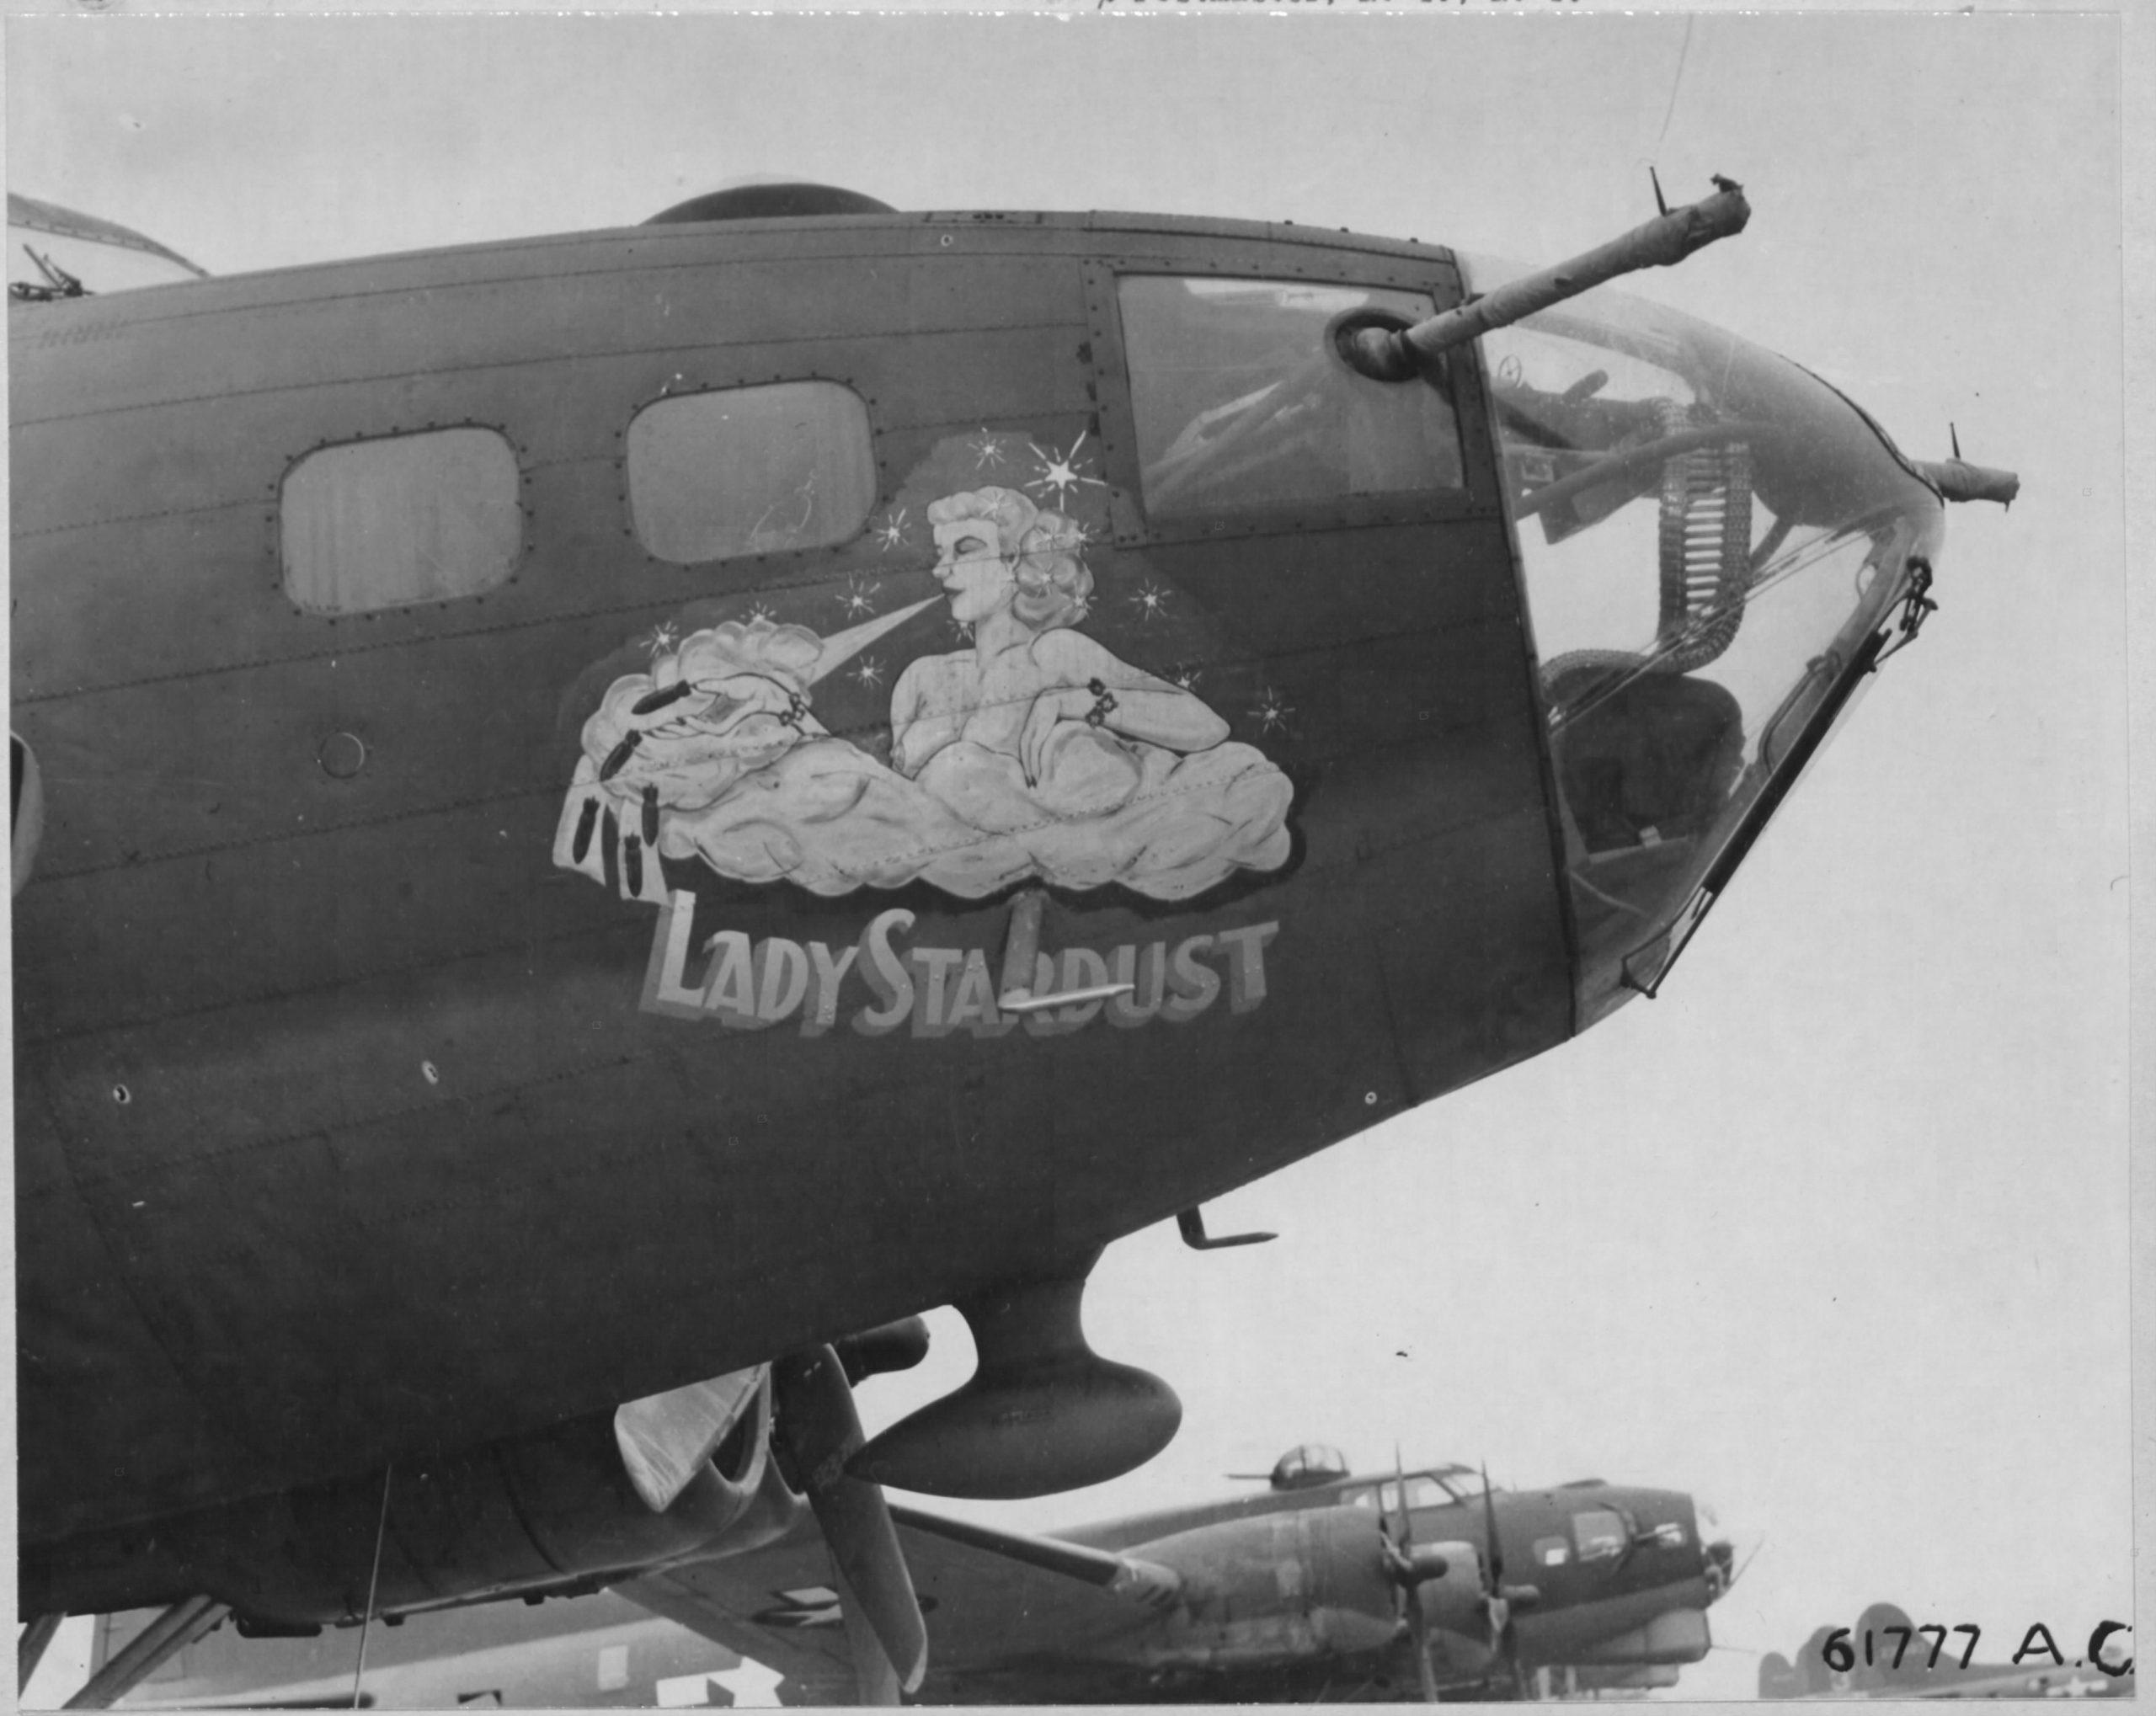 B-17F 'Lady Stardust' – Seriennummer unbekannt